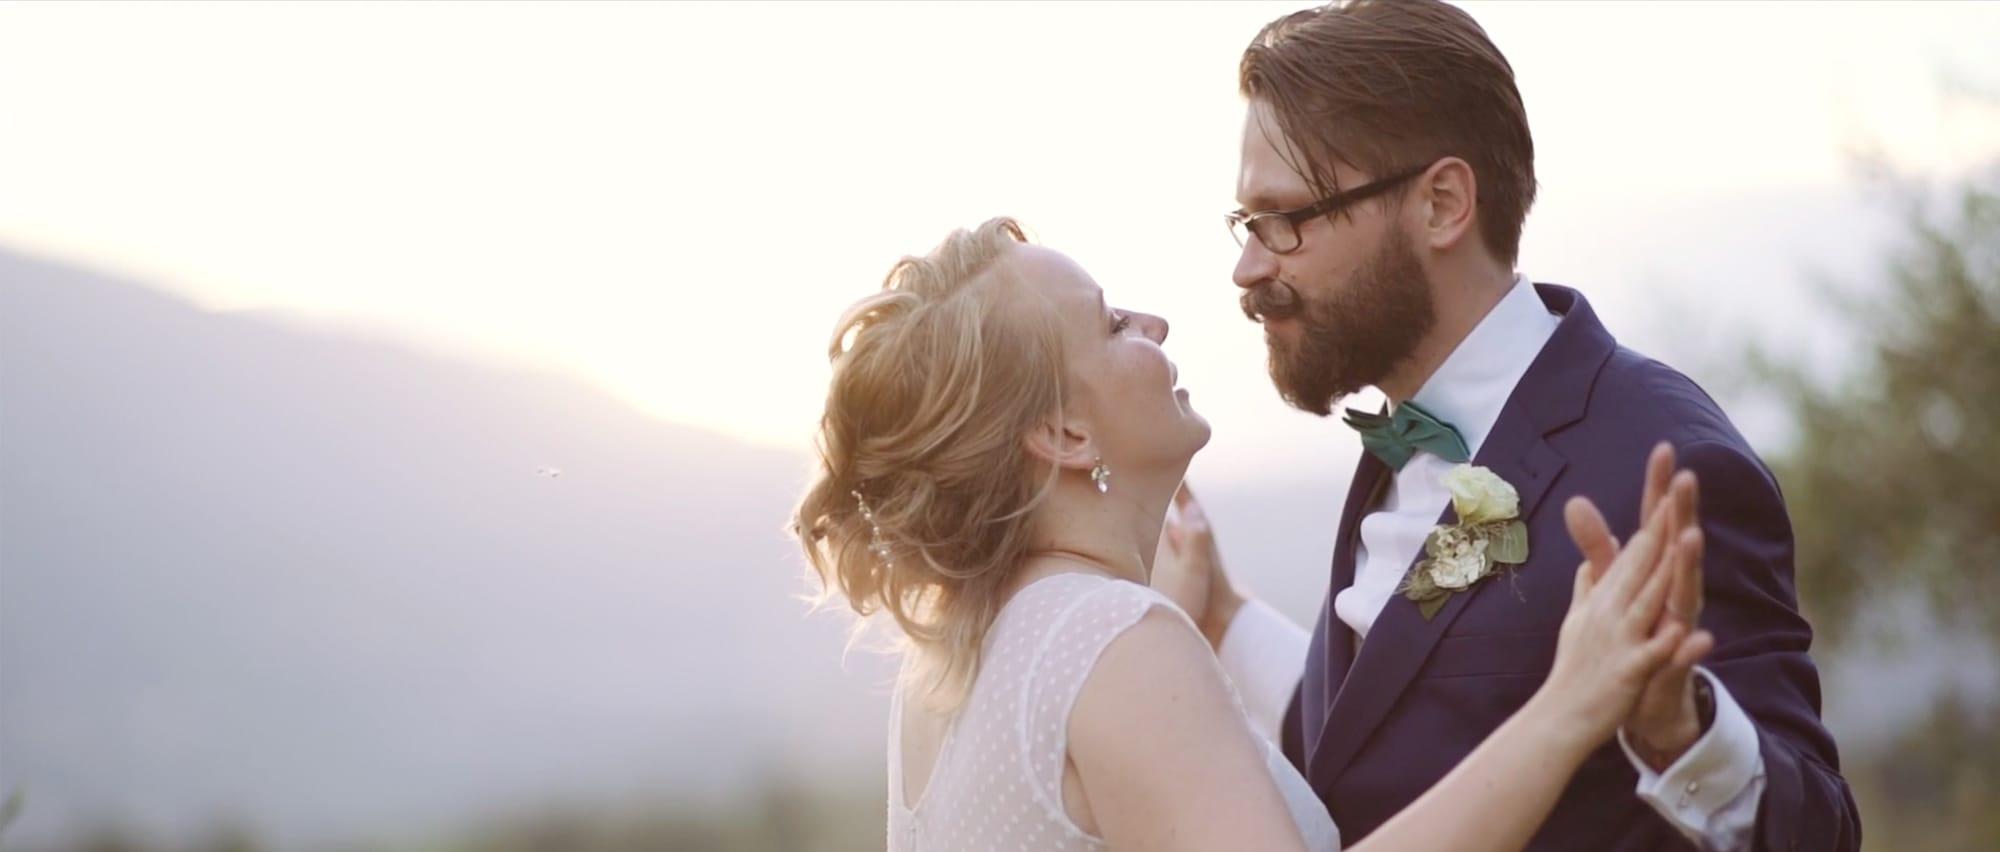 wedding videomaker in podere conti massa carrara